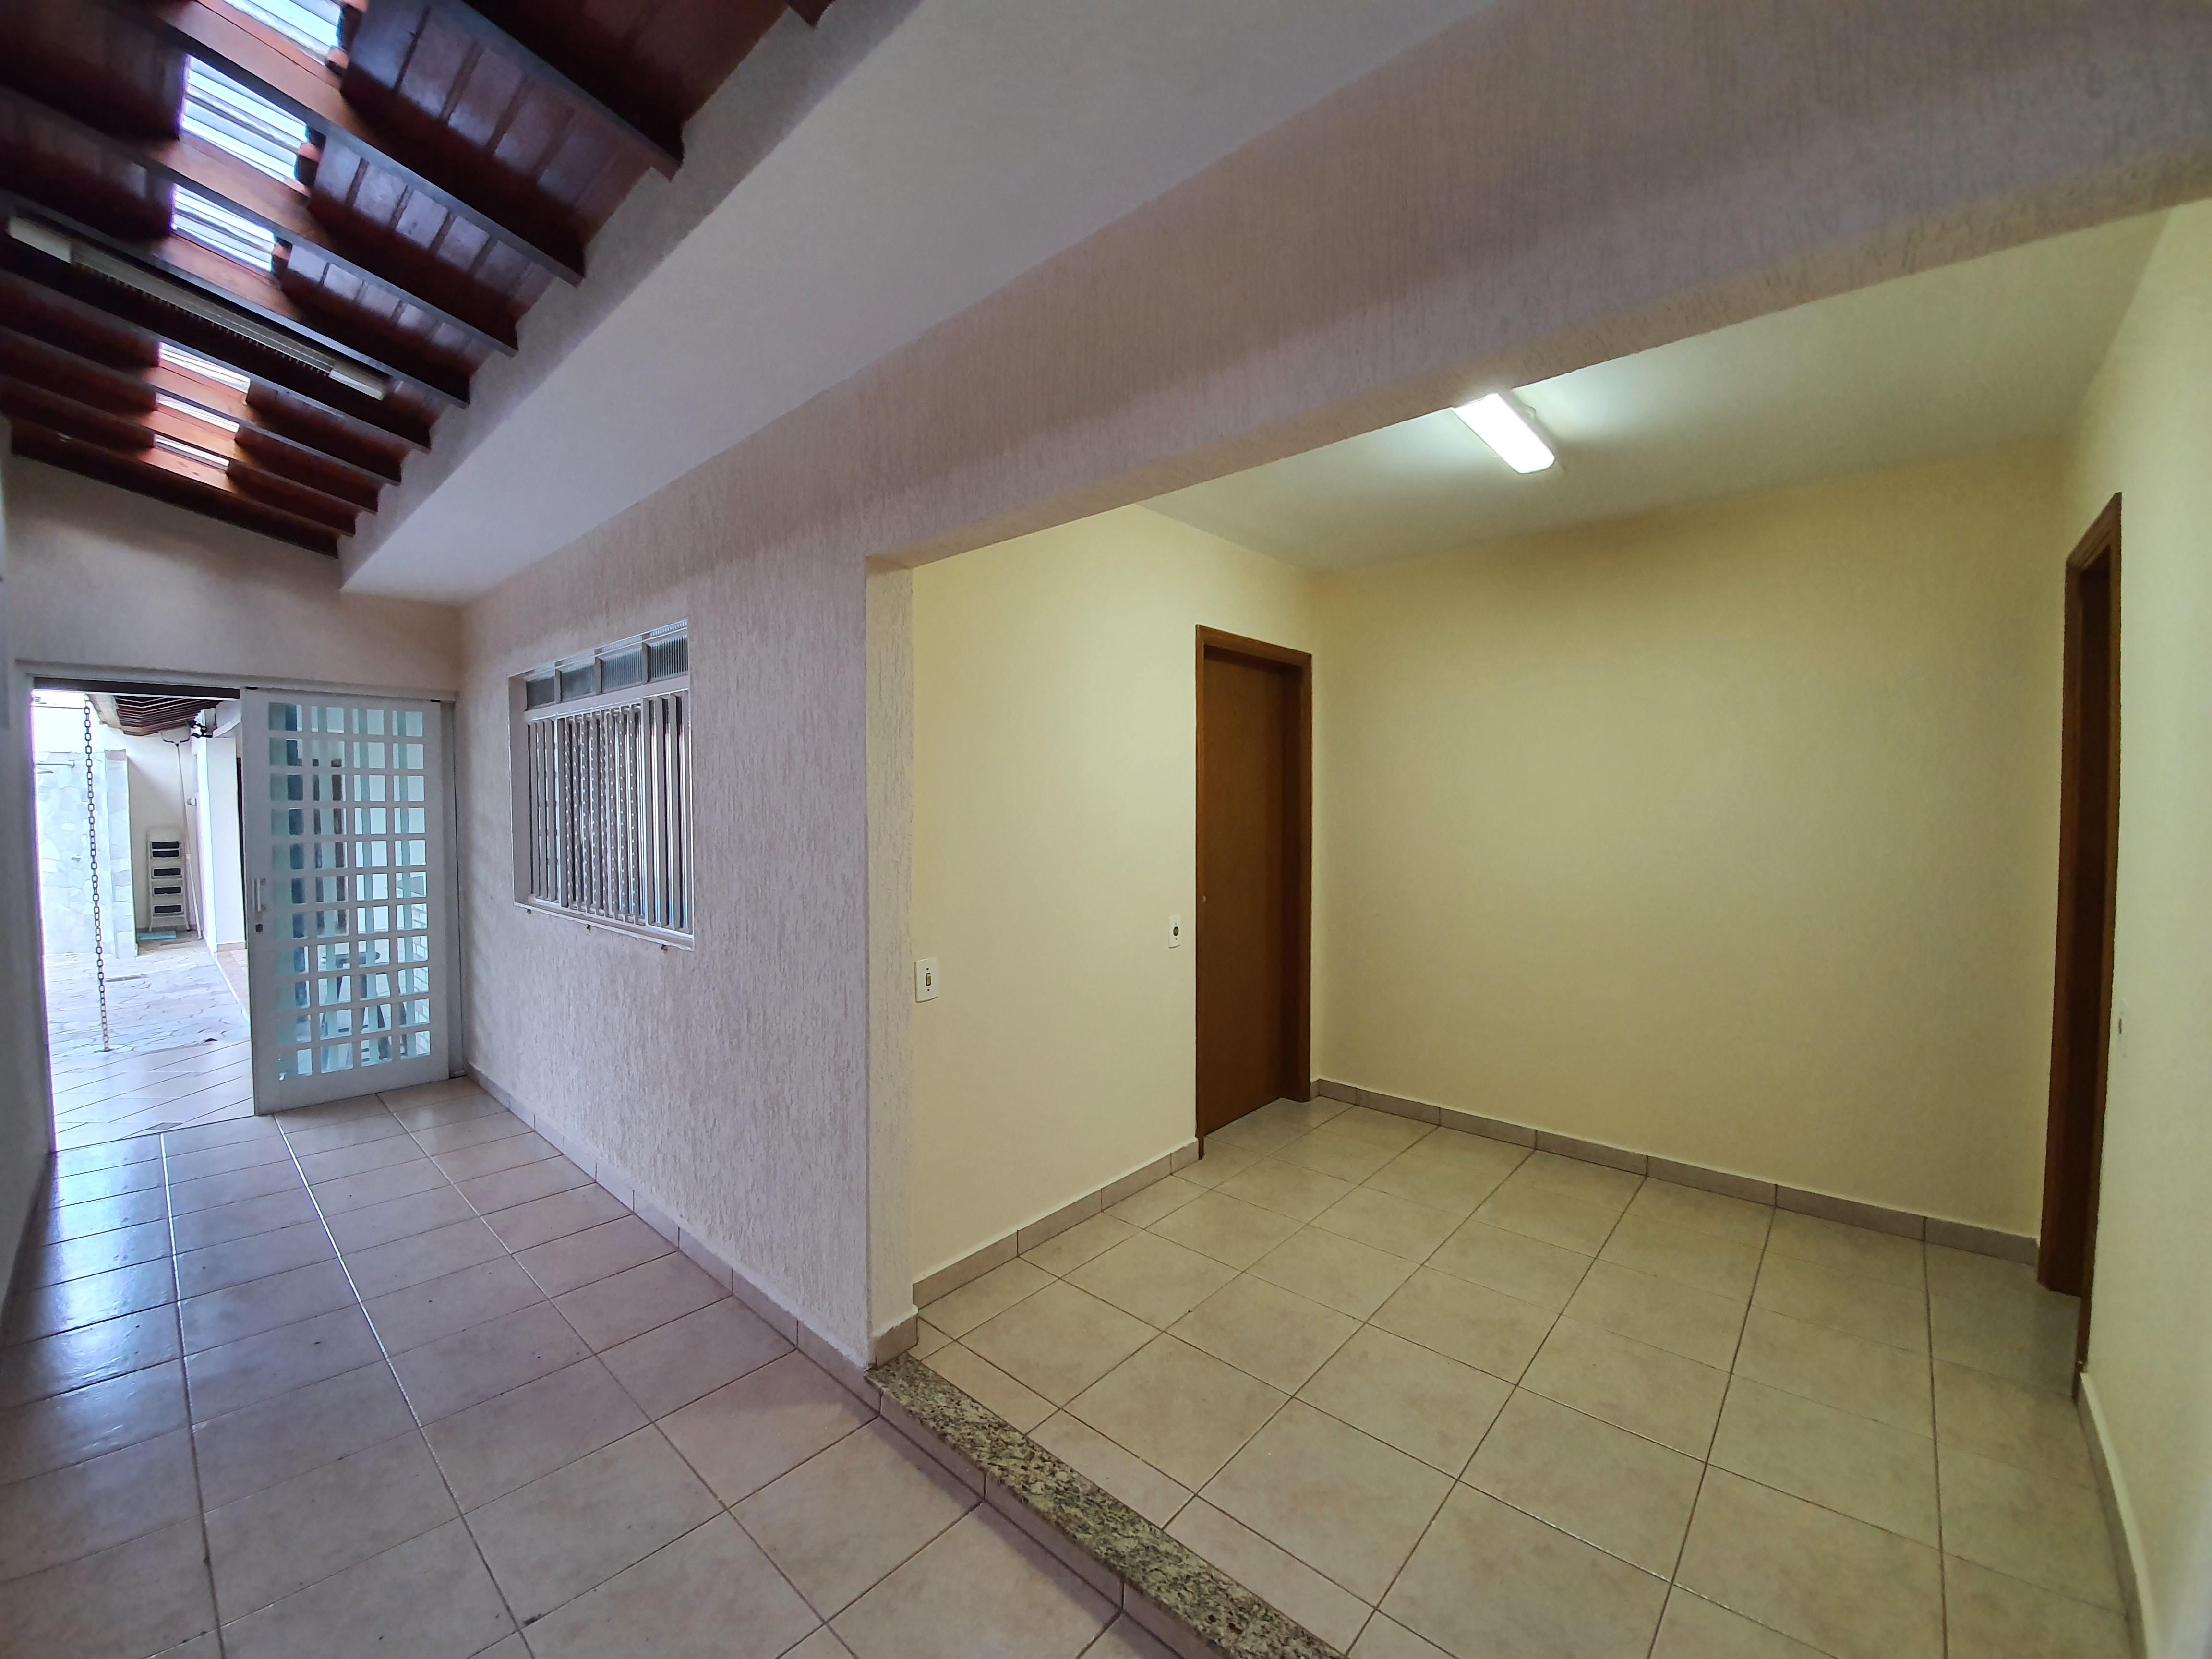 Casa à venda/aluguel, Jardim Nova Yorque, Araçatuba